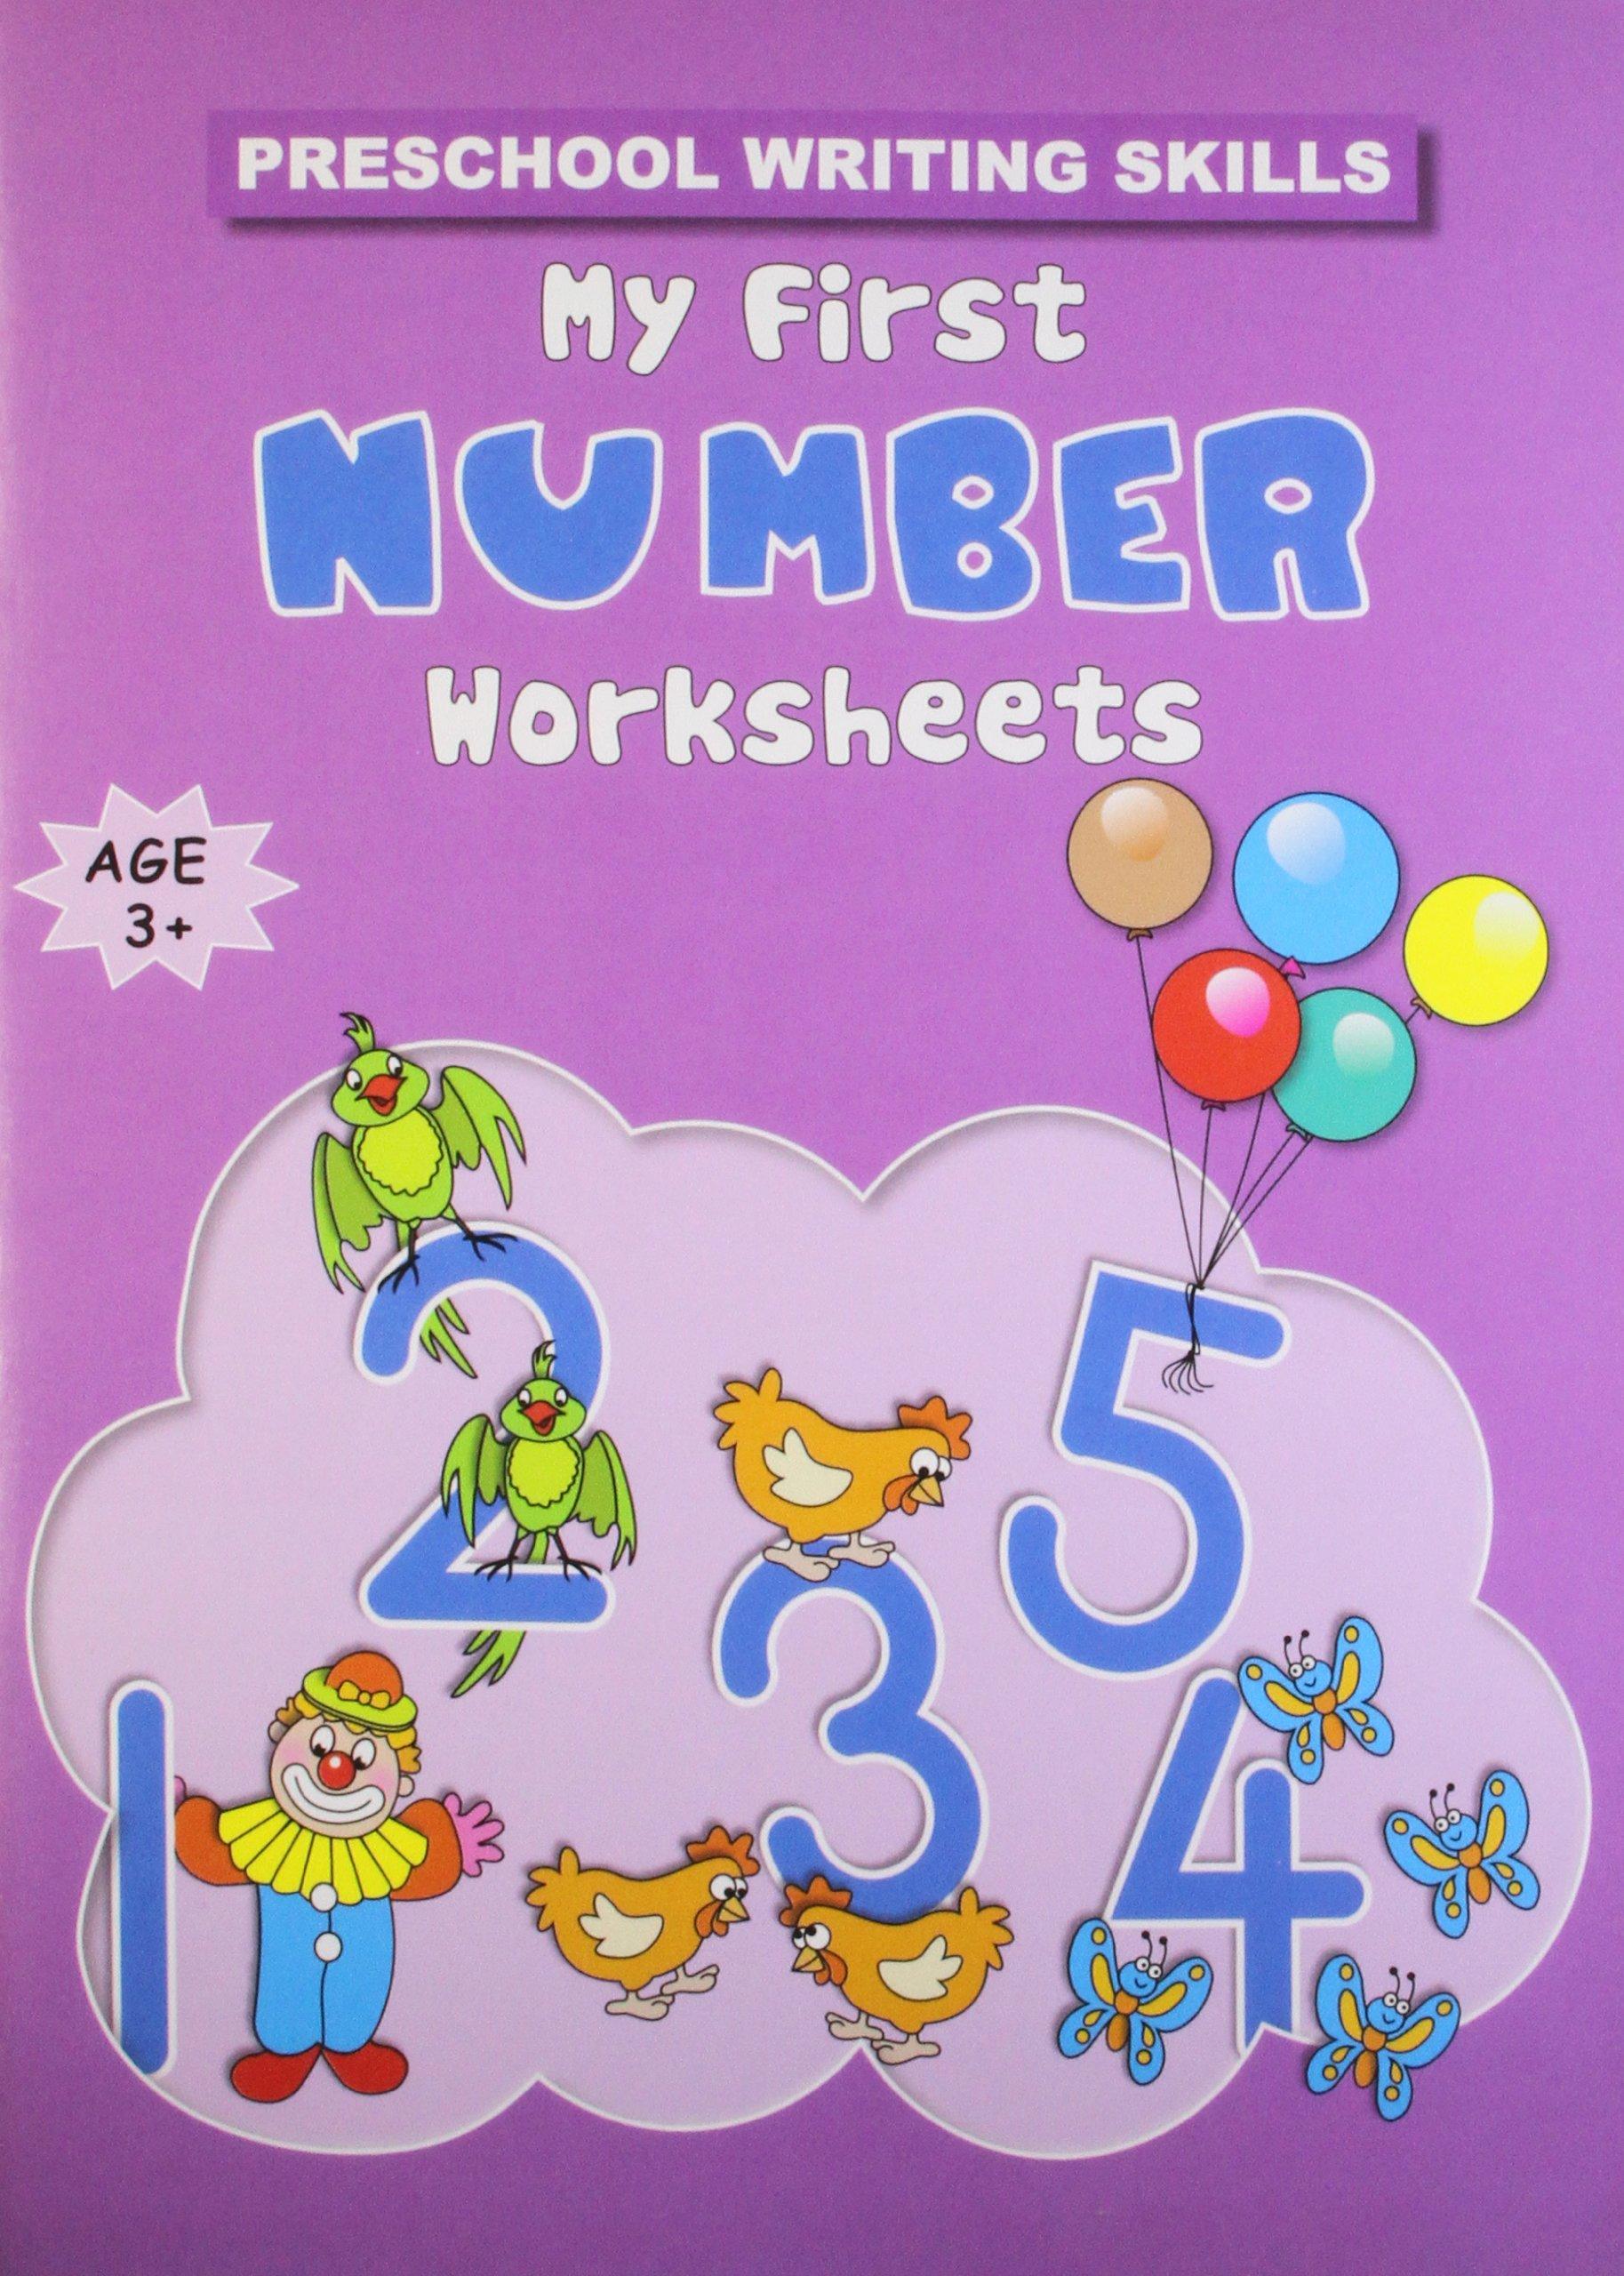 buy my first number worksheets preschool writing skills book